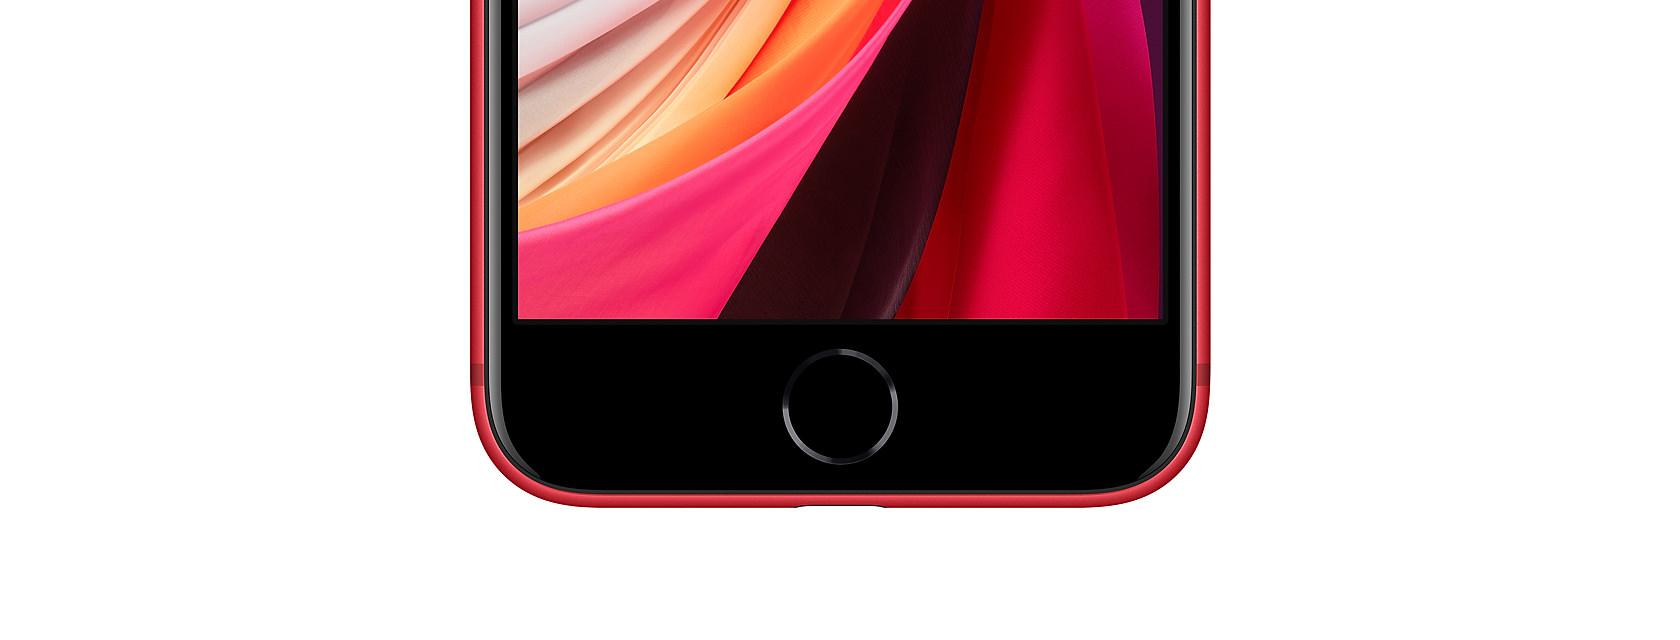 新款iPhone SE值不值得買?有何優缺點?這篇文章告訴你 - 電腦DIY